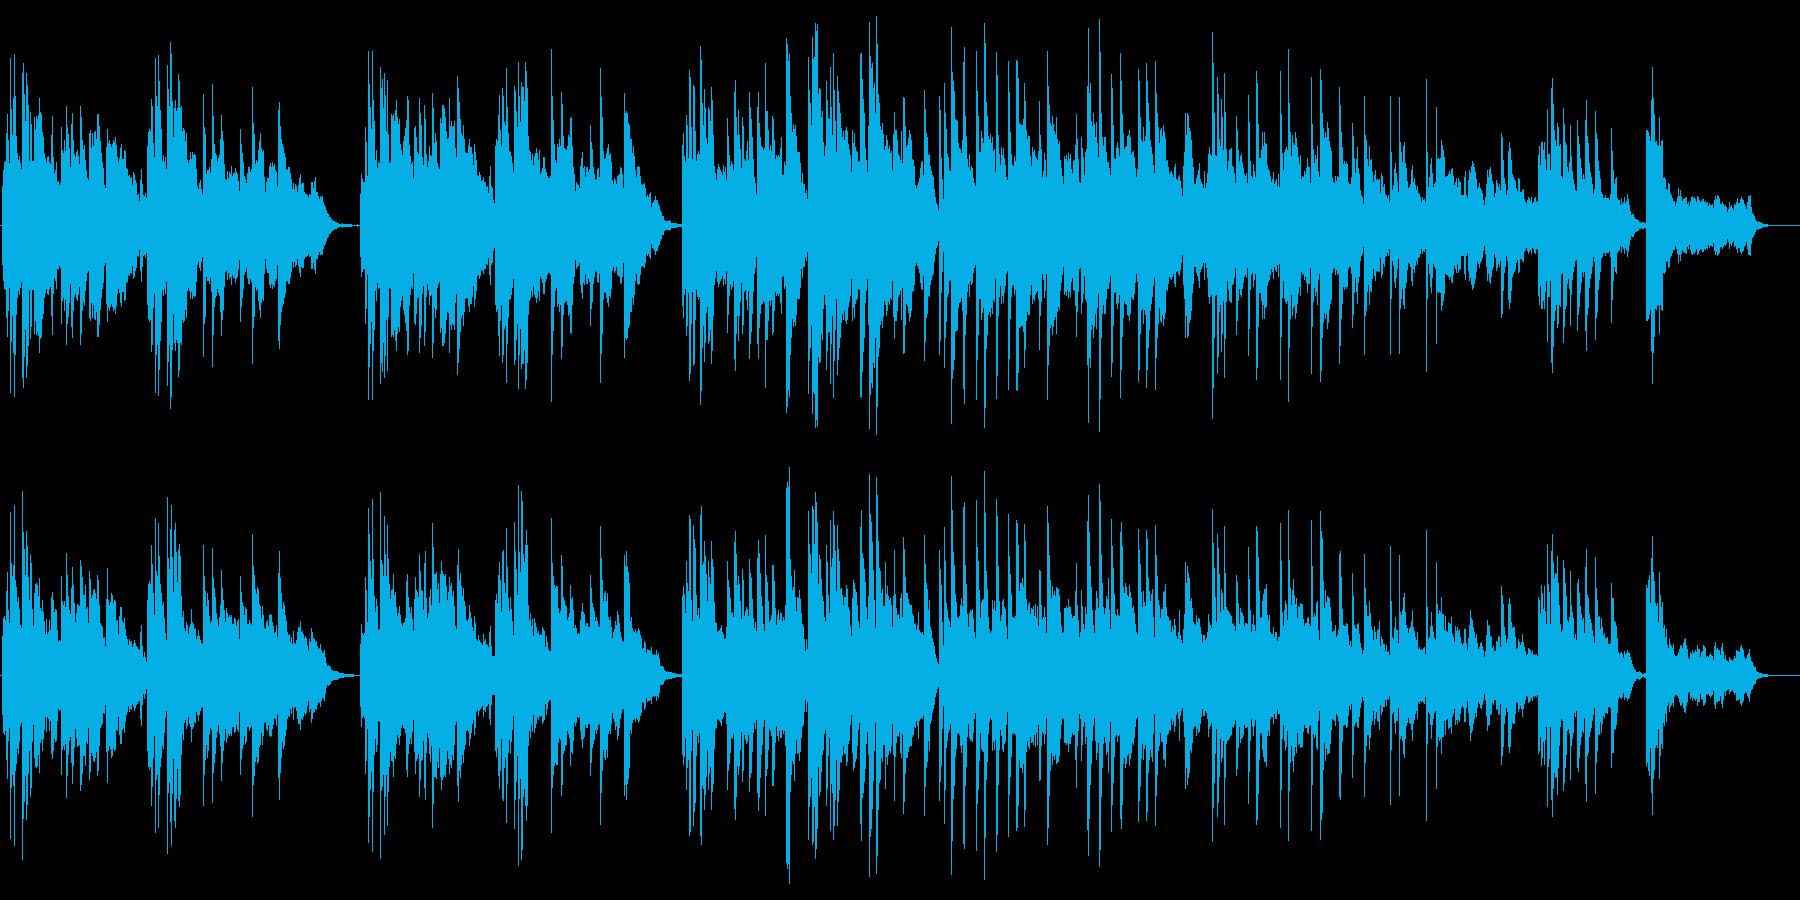 ピアノによるリラクゼーションミュージックの再生済みの波形